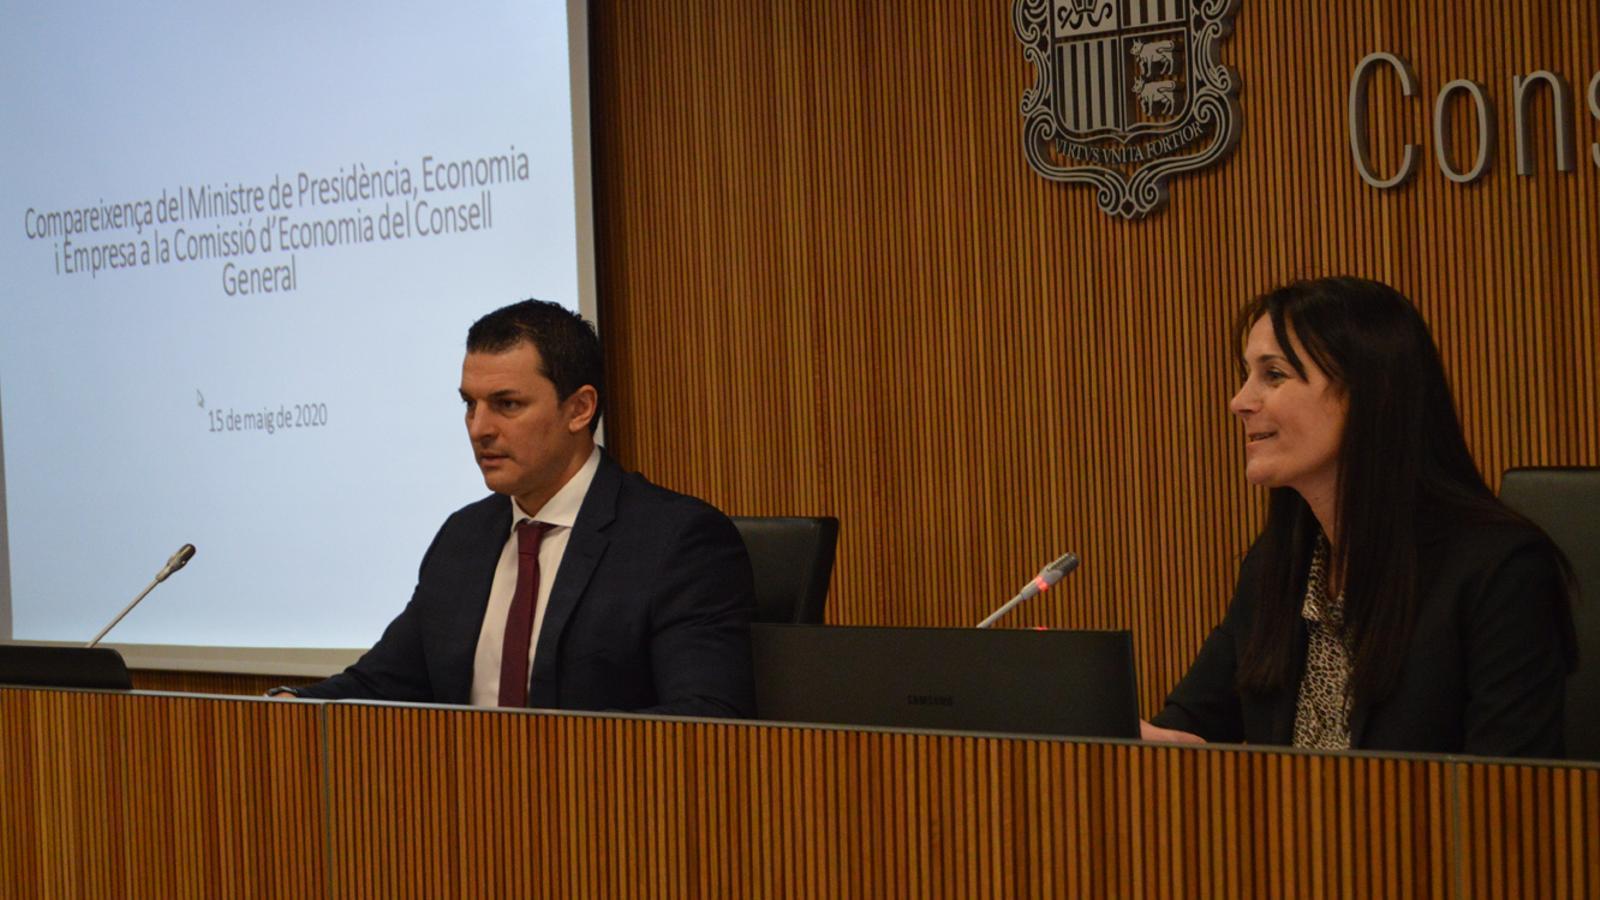 El ministre de Presidència, Economia i Empresa, Jordi Gallardo, durant la seva comareixença al davant de la comissió legislativa d'Economia. / M. F. (ANA)